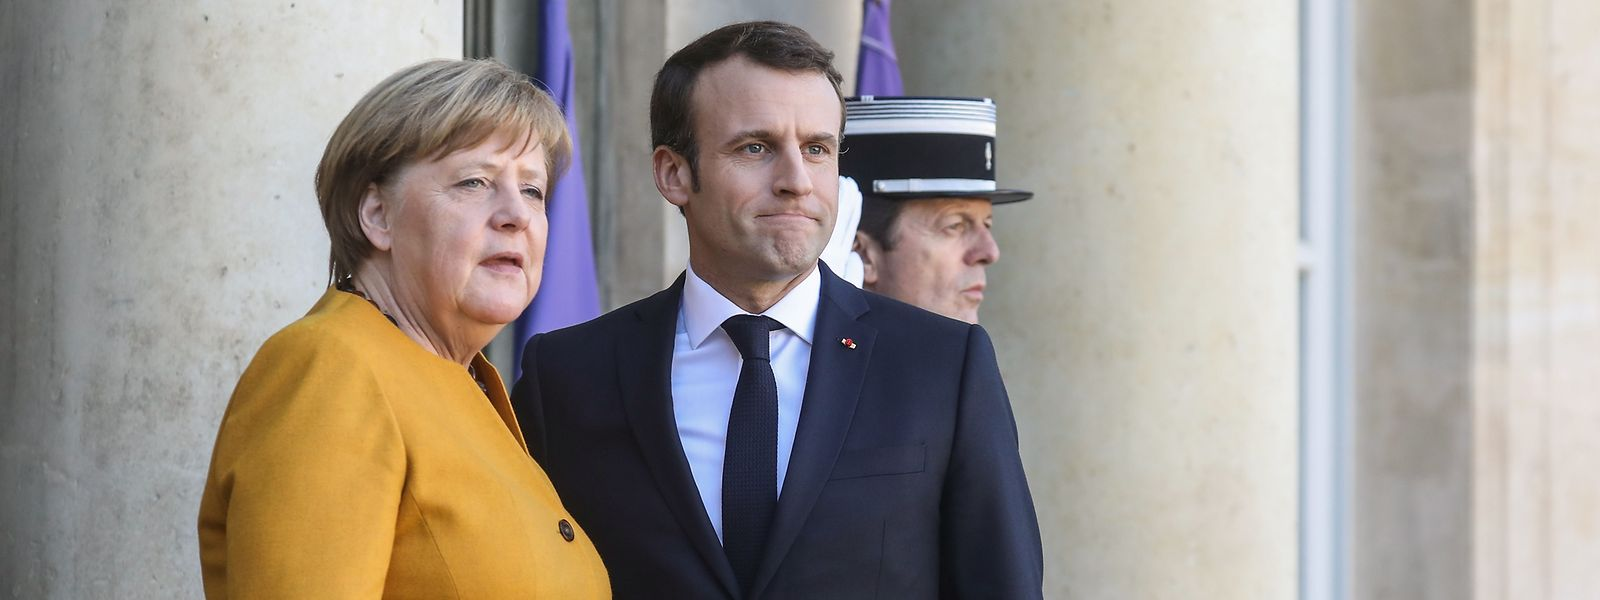 Das Tandem Merkel-Macron treten schon lange nicht mehr gemeinsam in die Pedale.